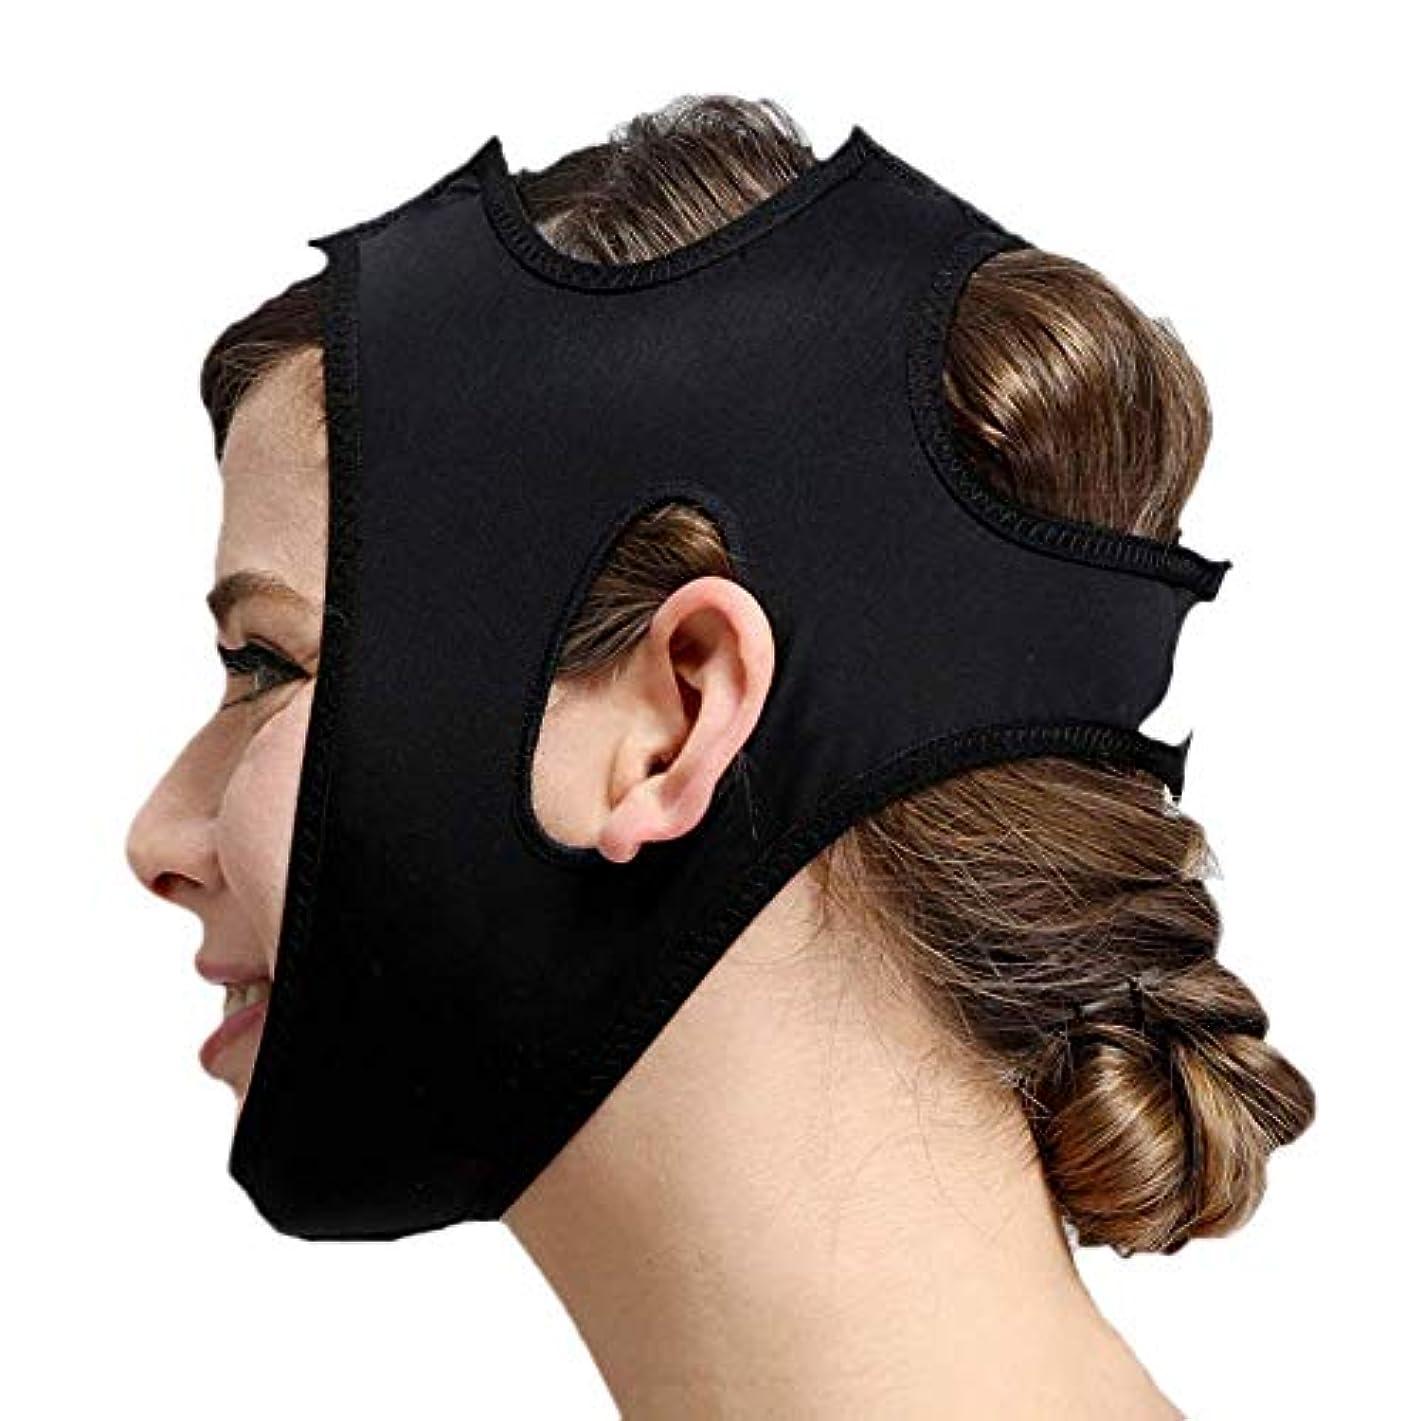 計器ピッチ掘るフェイススリミングマスク、快適さと通気性、フェイシャルリフティング、輪郭の改善された硬さ、ファーミングとリフティングフェイス(カラー:ブラック、サイズ:XL),黒、XXL